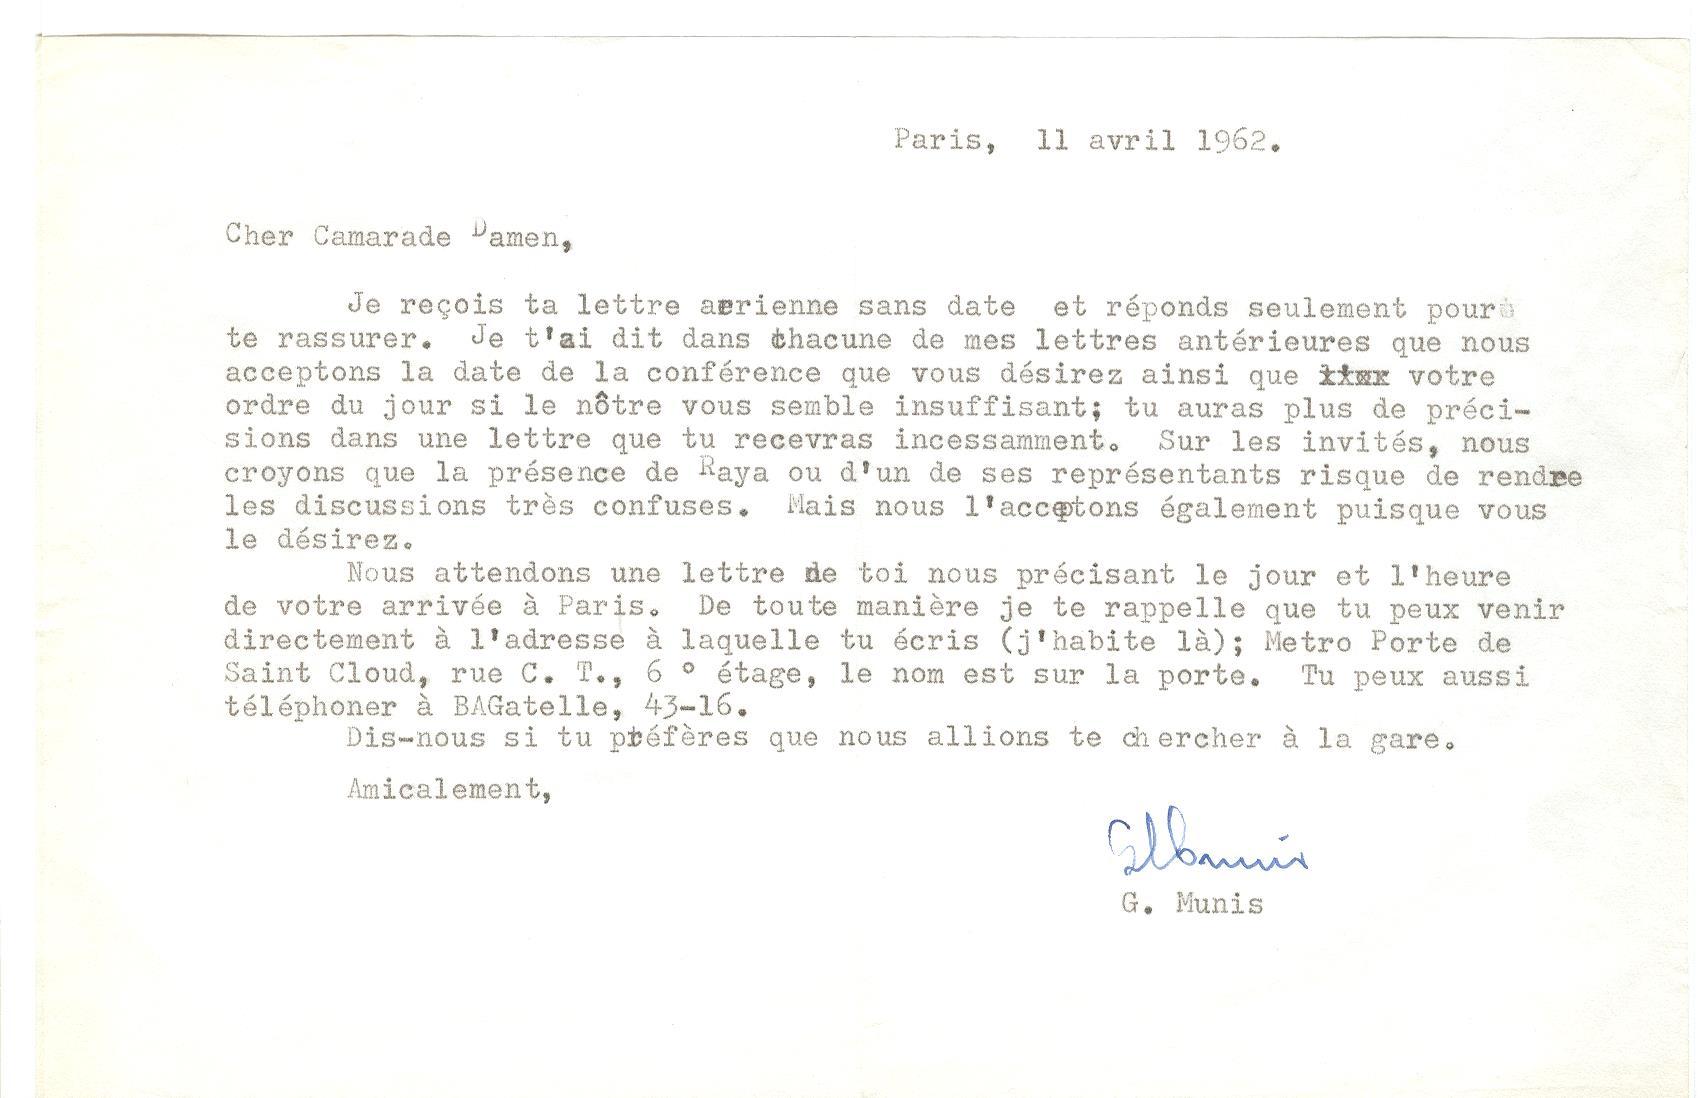 07 >> 5 - Lettera di Munis a Onorato Damen (11 aprile 1962)